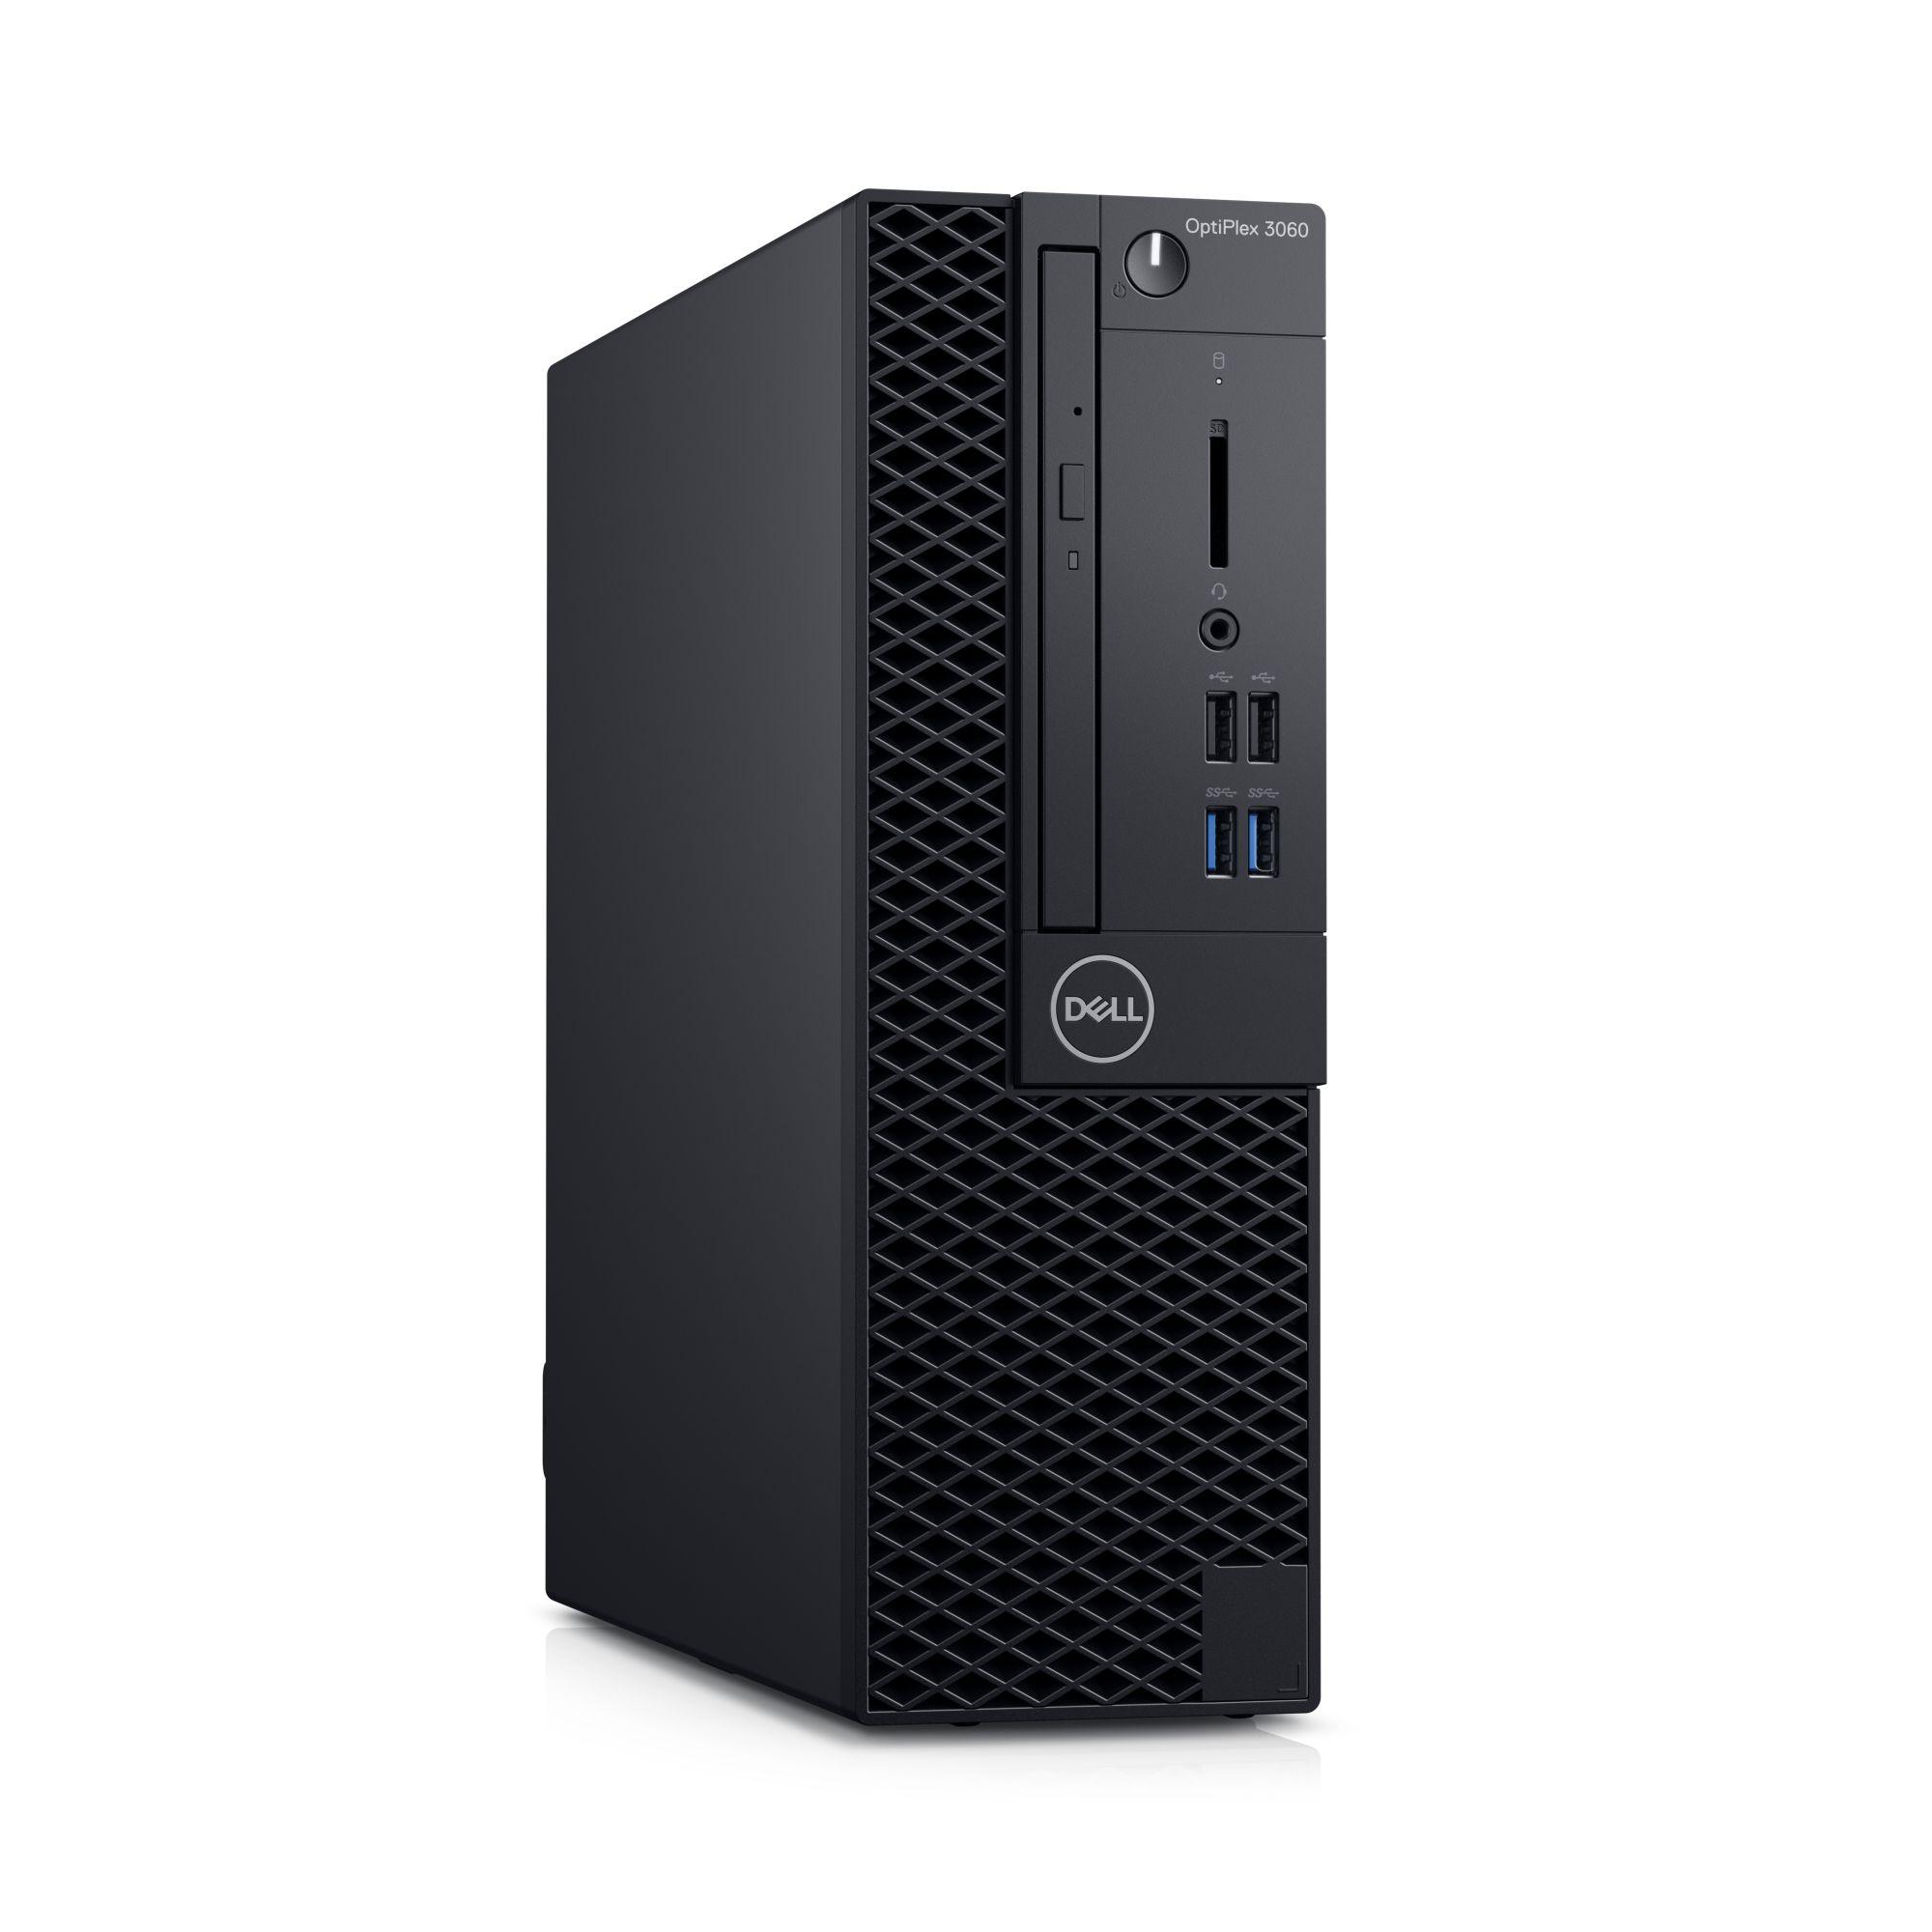 DELL OptiPlex SFF 3060/Core i5-8500/8GB/1TB/Intel UHD/DVD-RW/Win 10 Pro 64bit/3Yr NBD